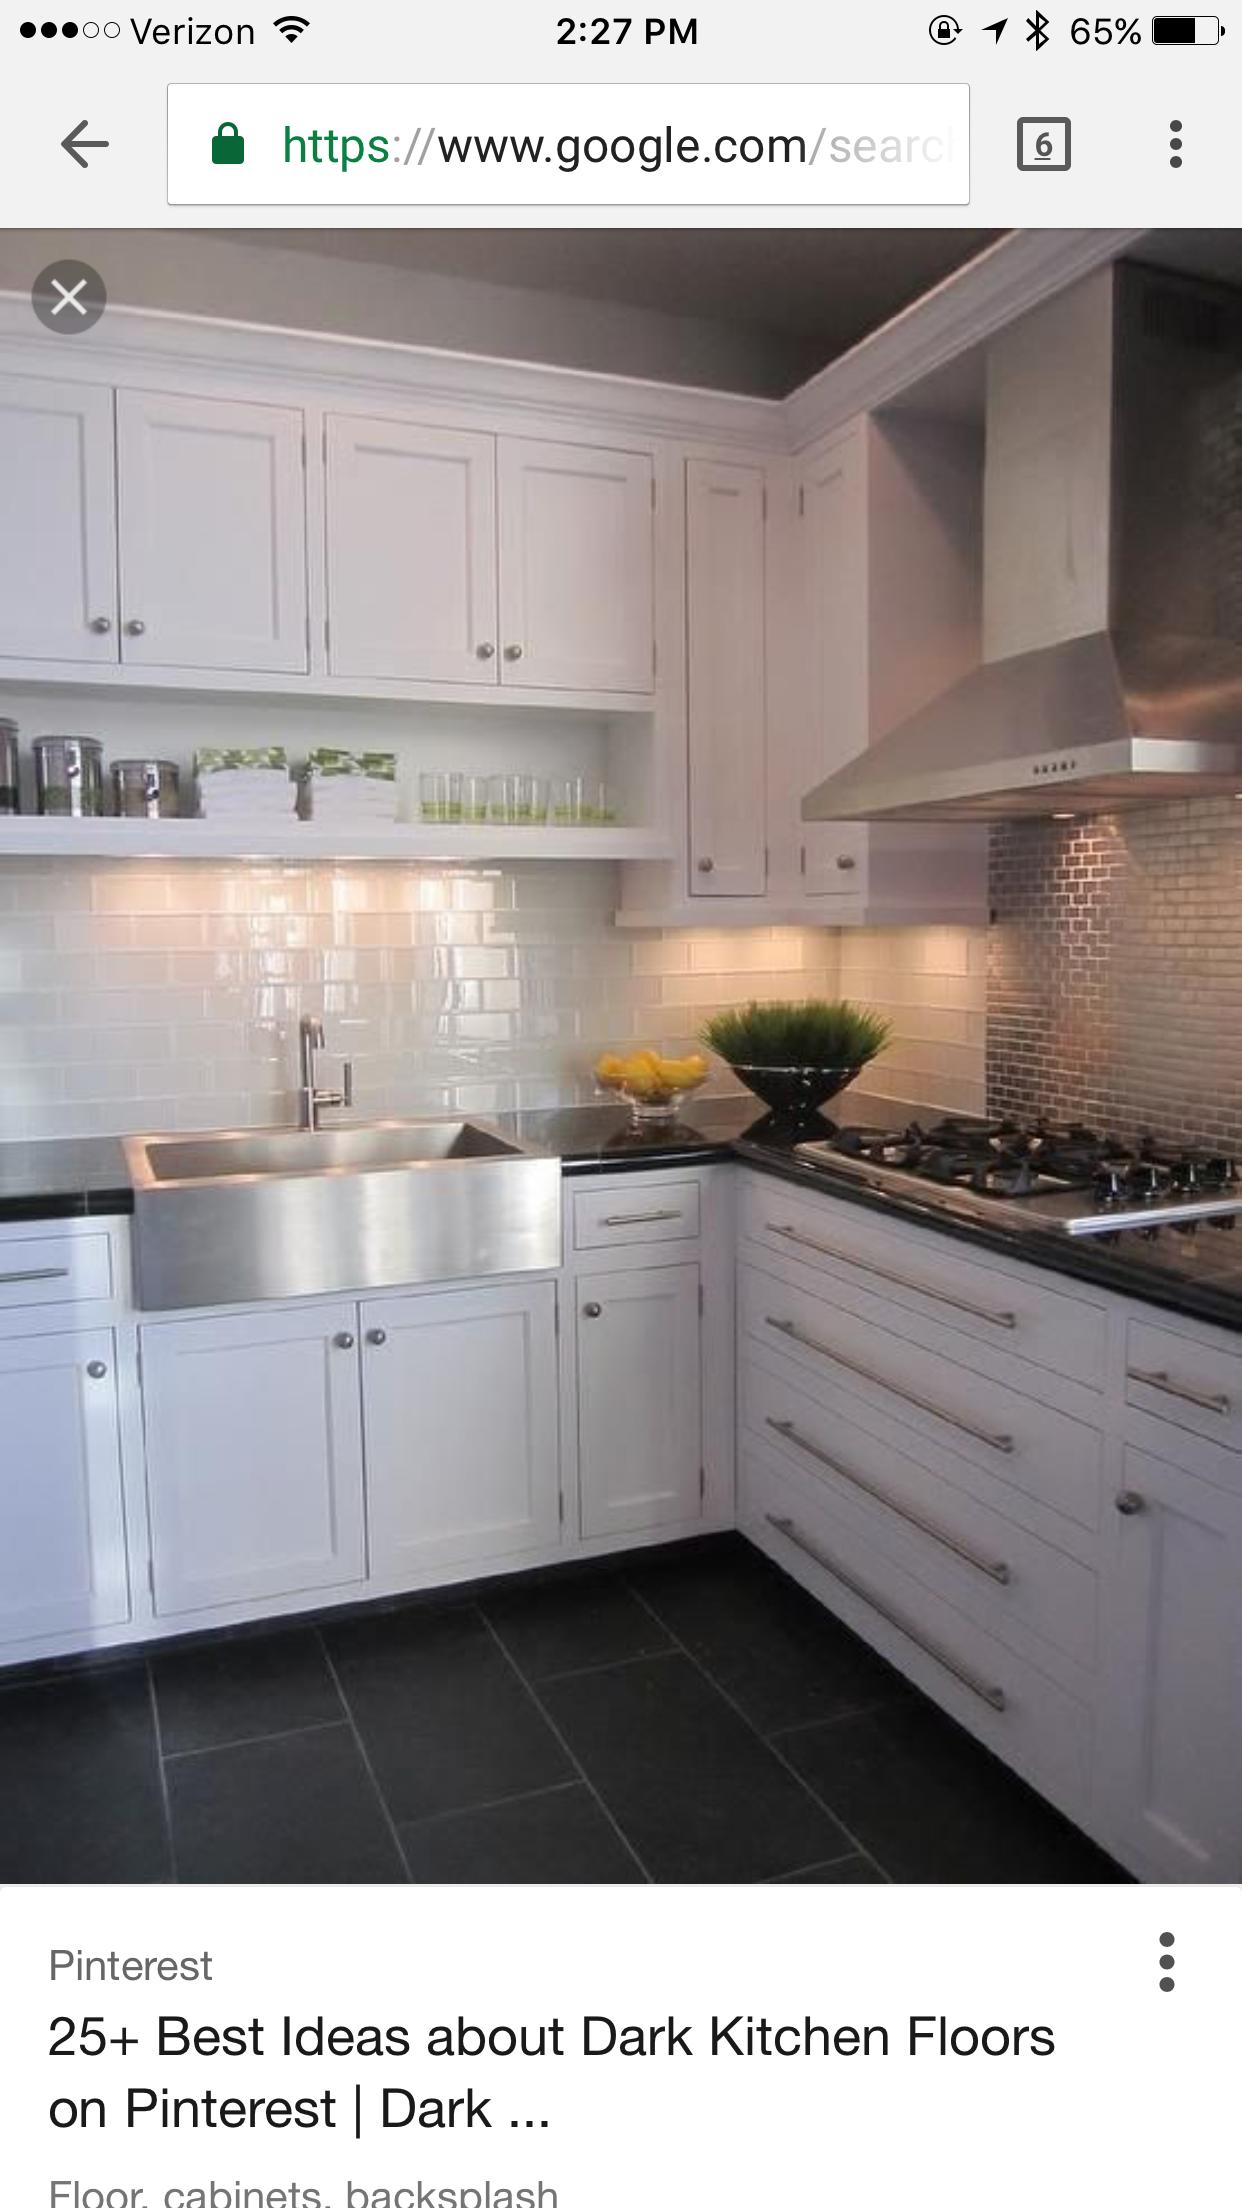 AuBergewohnlich Dunkle Küchenböden, Schieferfliesen, Graue Fliesenböden,  Graue Fliesen, Fliesenboden, Dunkle Arbeitsplatten